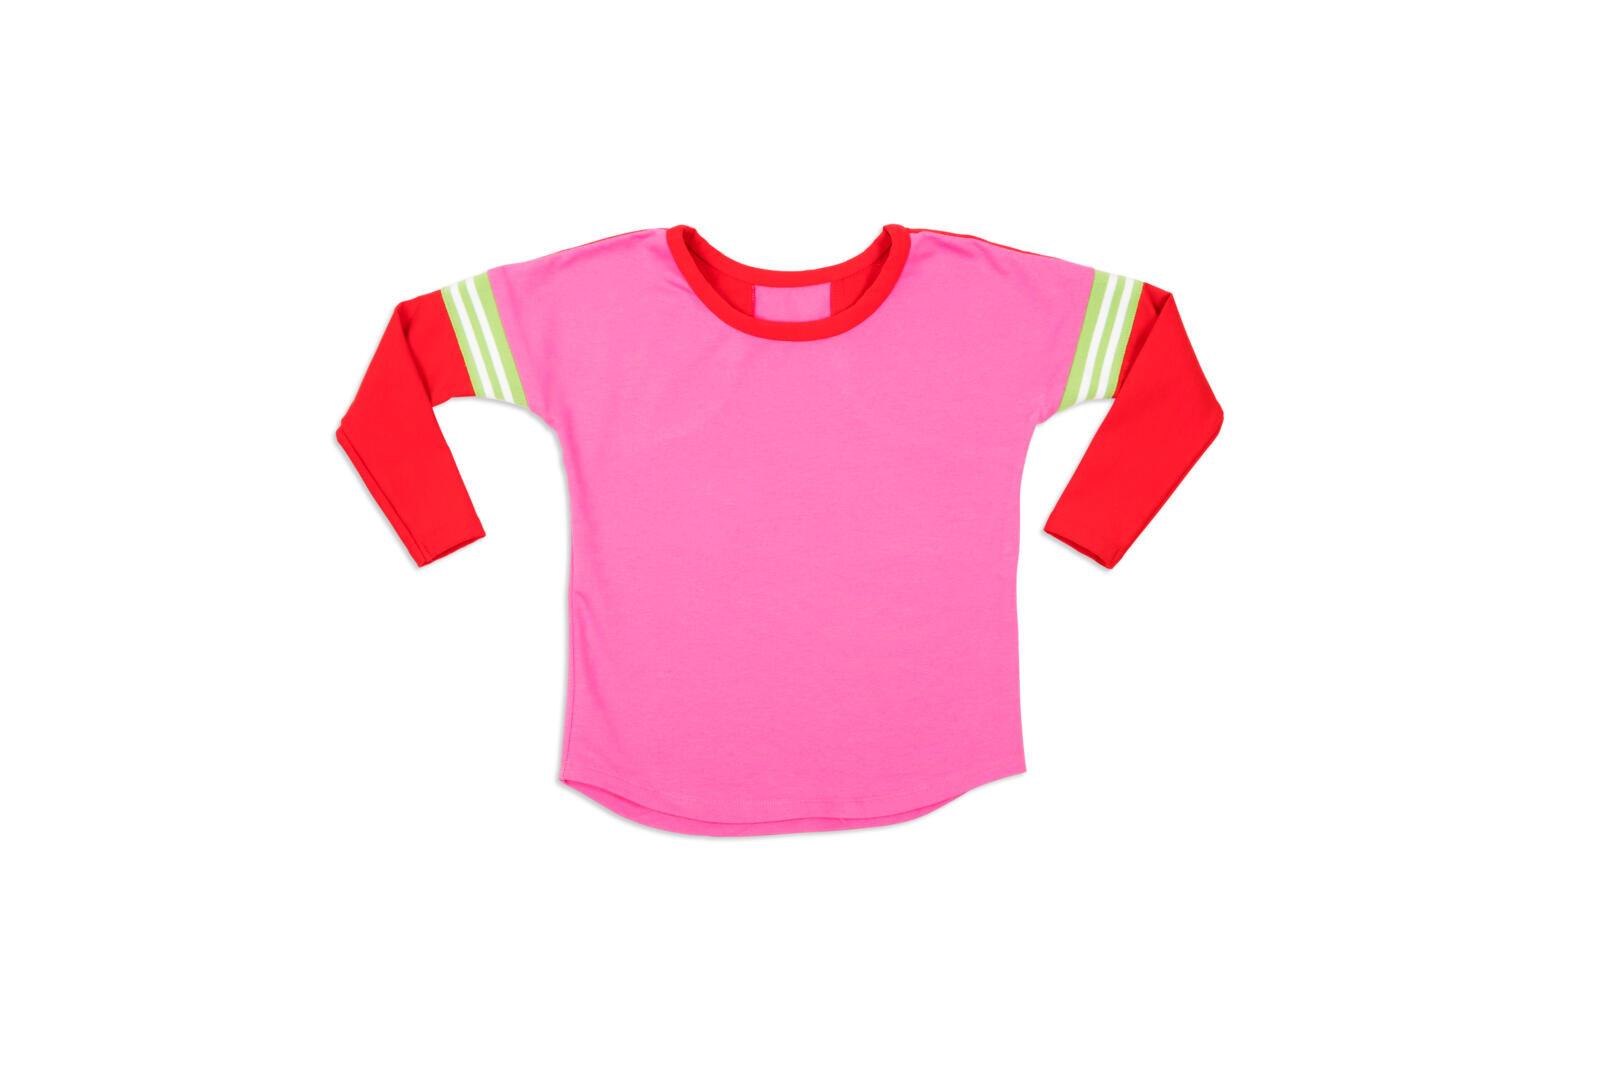 Knipkids 0120 - 17 T-shirt